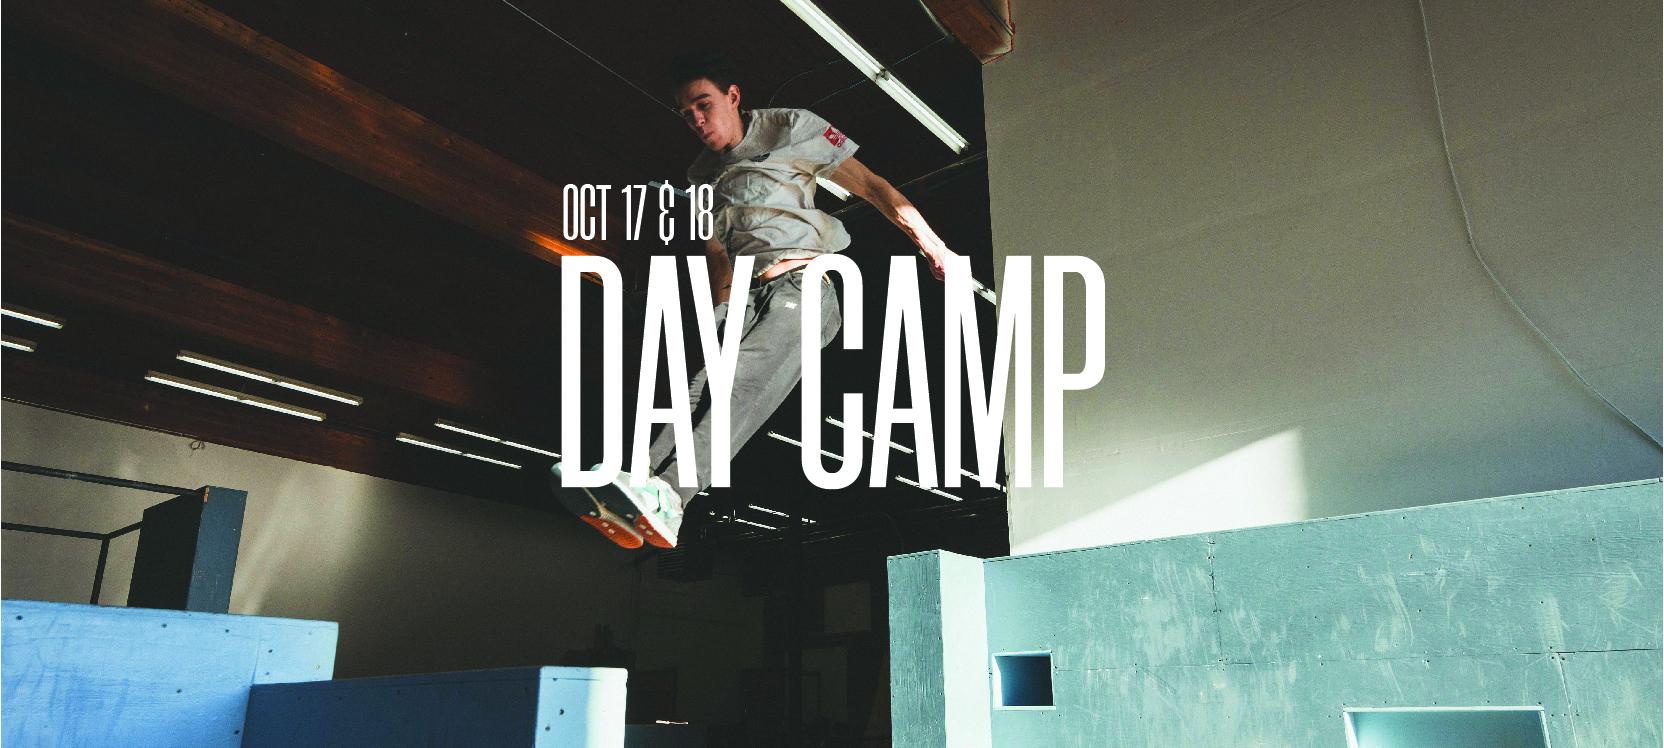 daycampemail-100.jpg